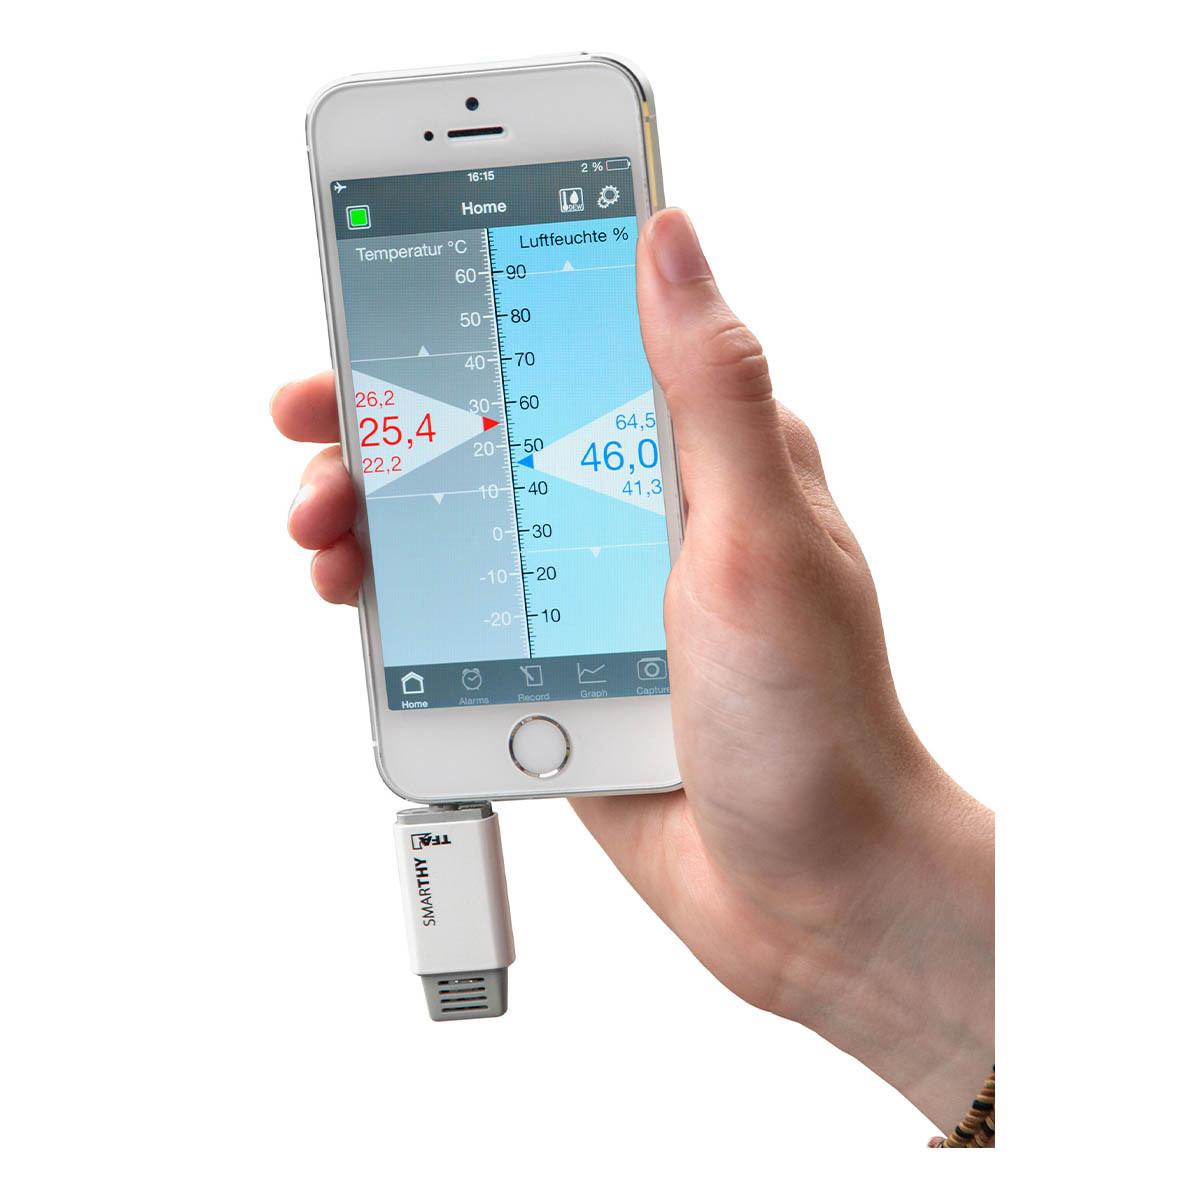 30-5035-01-thermo-hygrometer-für-smartphones-smarthy-anwendung-1200x1200px.jpg